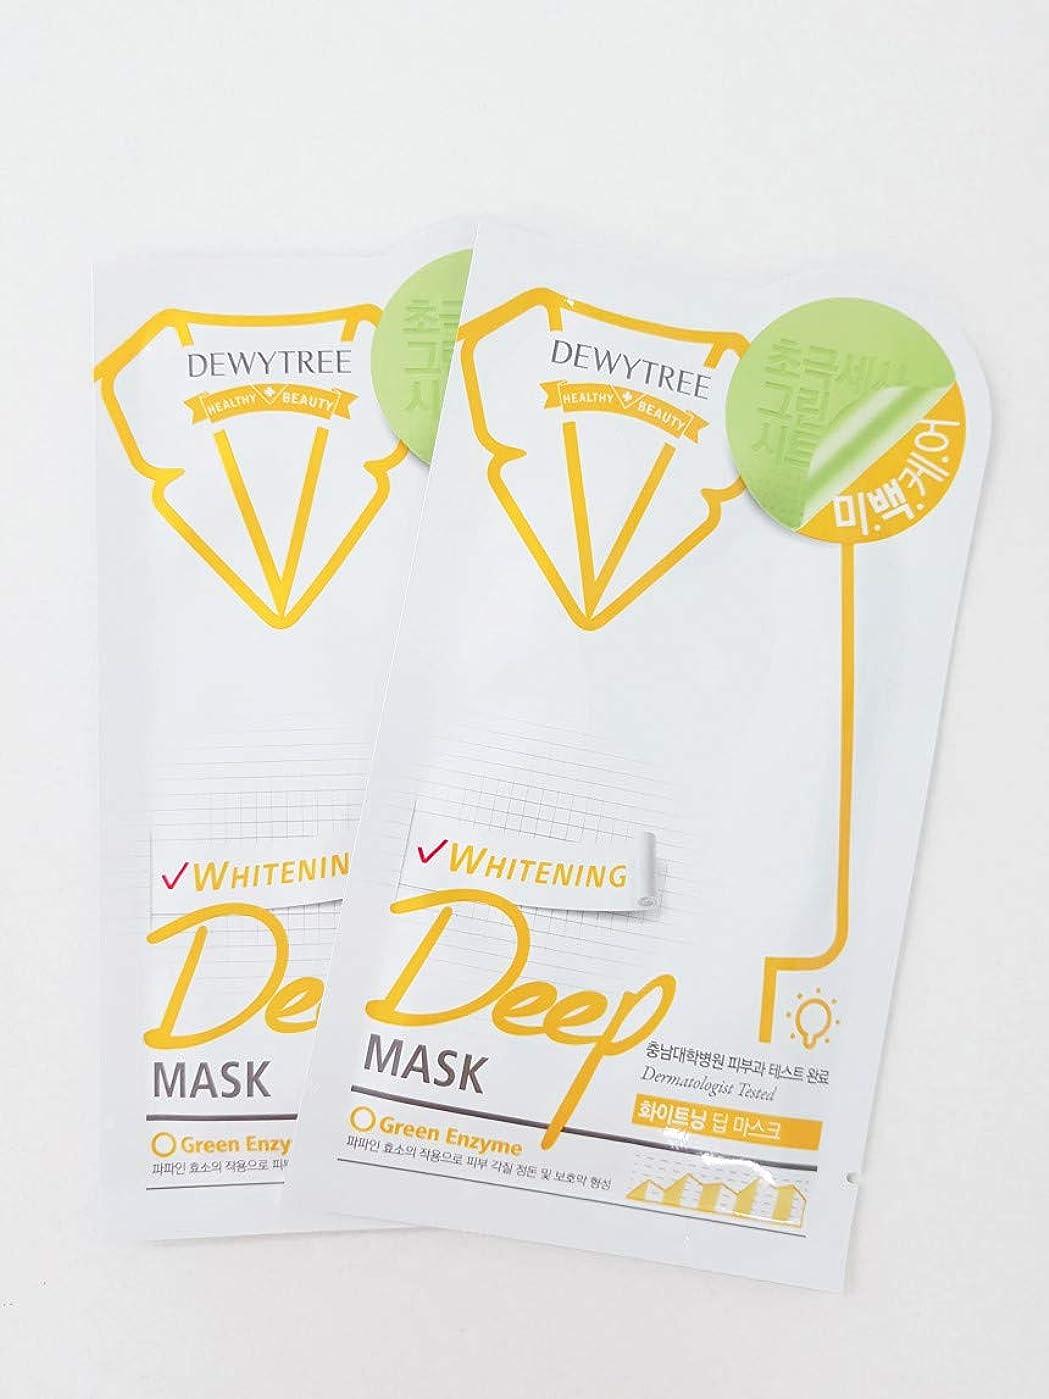 しないでください火曜日望ましい(デューイトゥリー) DEWYTREE ホワイトニングディープマスク 20枚 Whitening Deep Mask 韓国マスクパック (並行輸入品)